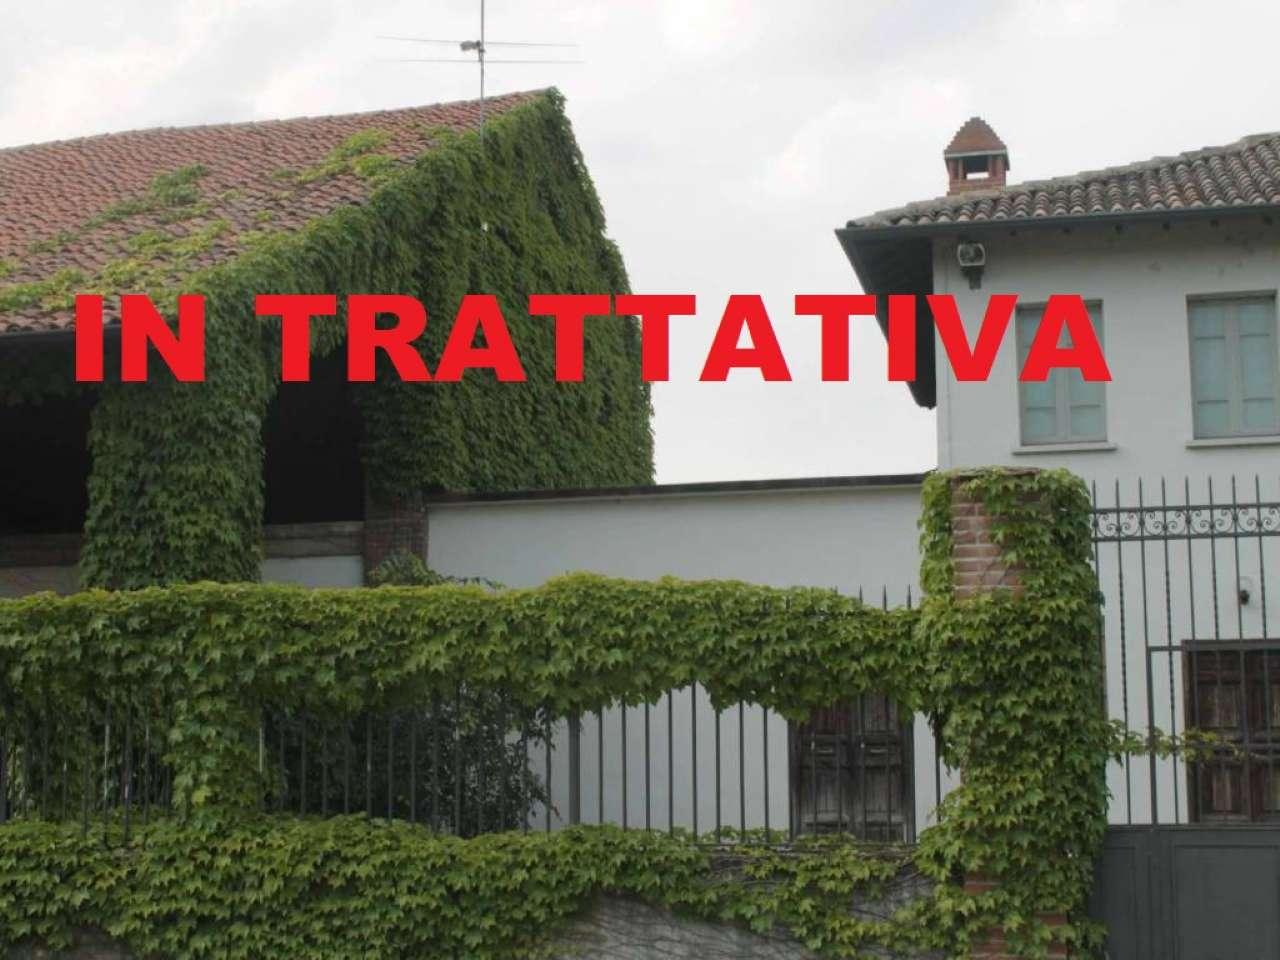 Rustico / Casale in vendita a Dorno, 6 locali, prezzo € 155.000 | CambioCasa.it